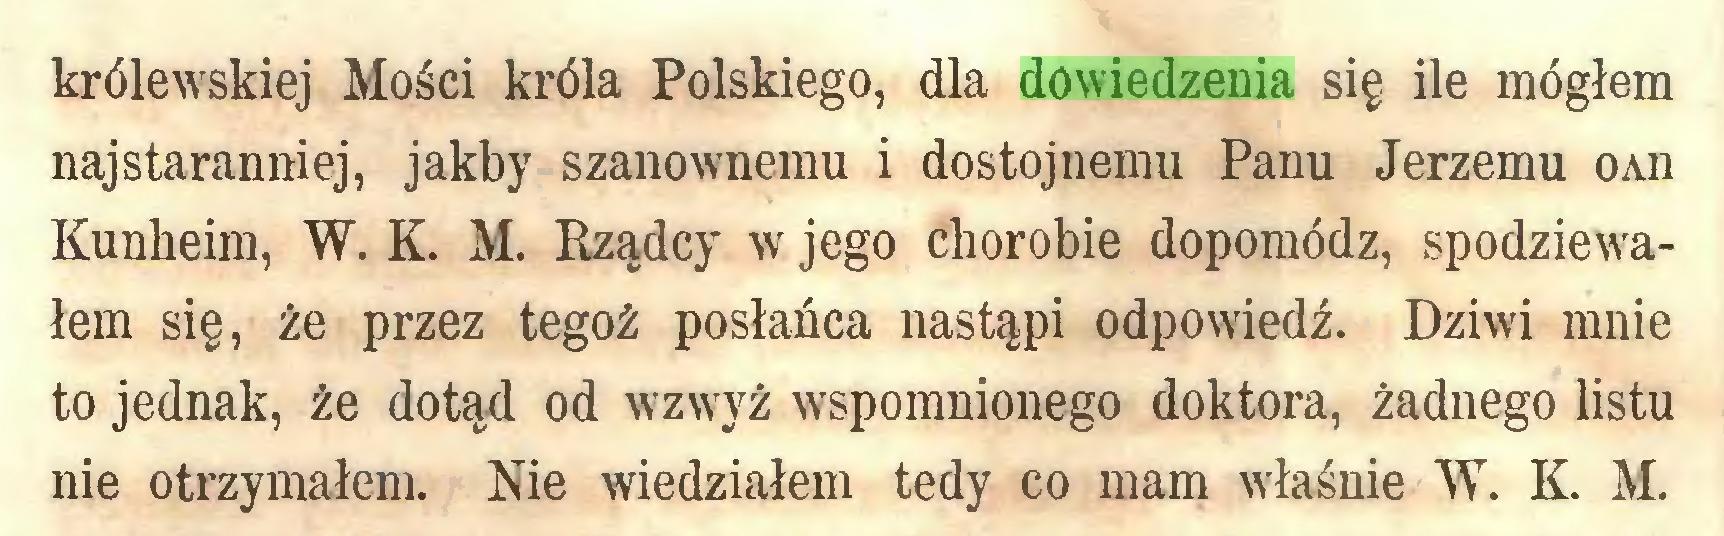 (...) królewskiej Mości króla Polskiego, dla dowiedzenia się ile mogłem najstaranniej, jakby szanownemu i dostojnemu Panu Jerzemu oaii Kunheim, W. K. M. Rządcy w jego chorobie dopomódz, spodziewałem się, że przez tegoż posłańca nastąpi odpowiedź. Dziwi mnie to jednak, że dotąd od wzwyż wspomnionego doktora, żadnego listu nie otrzymałem. Nie wiedziałem tedy co mam właśnie W. K. M...